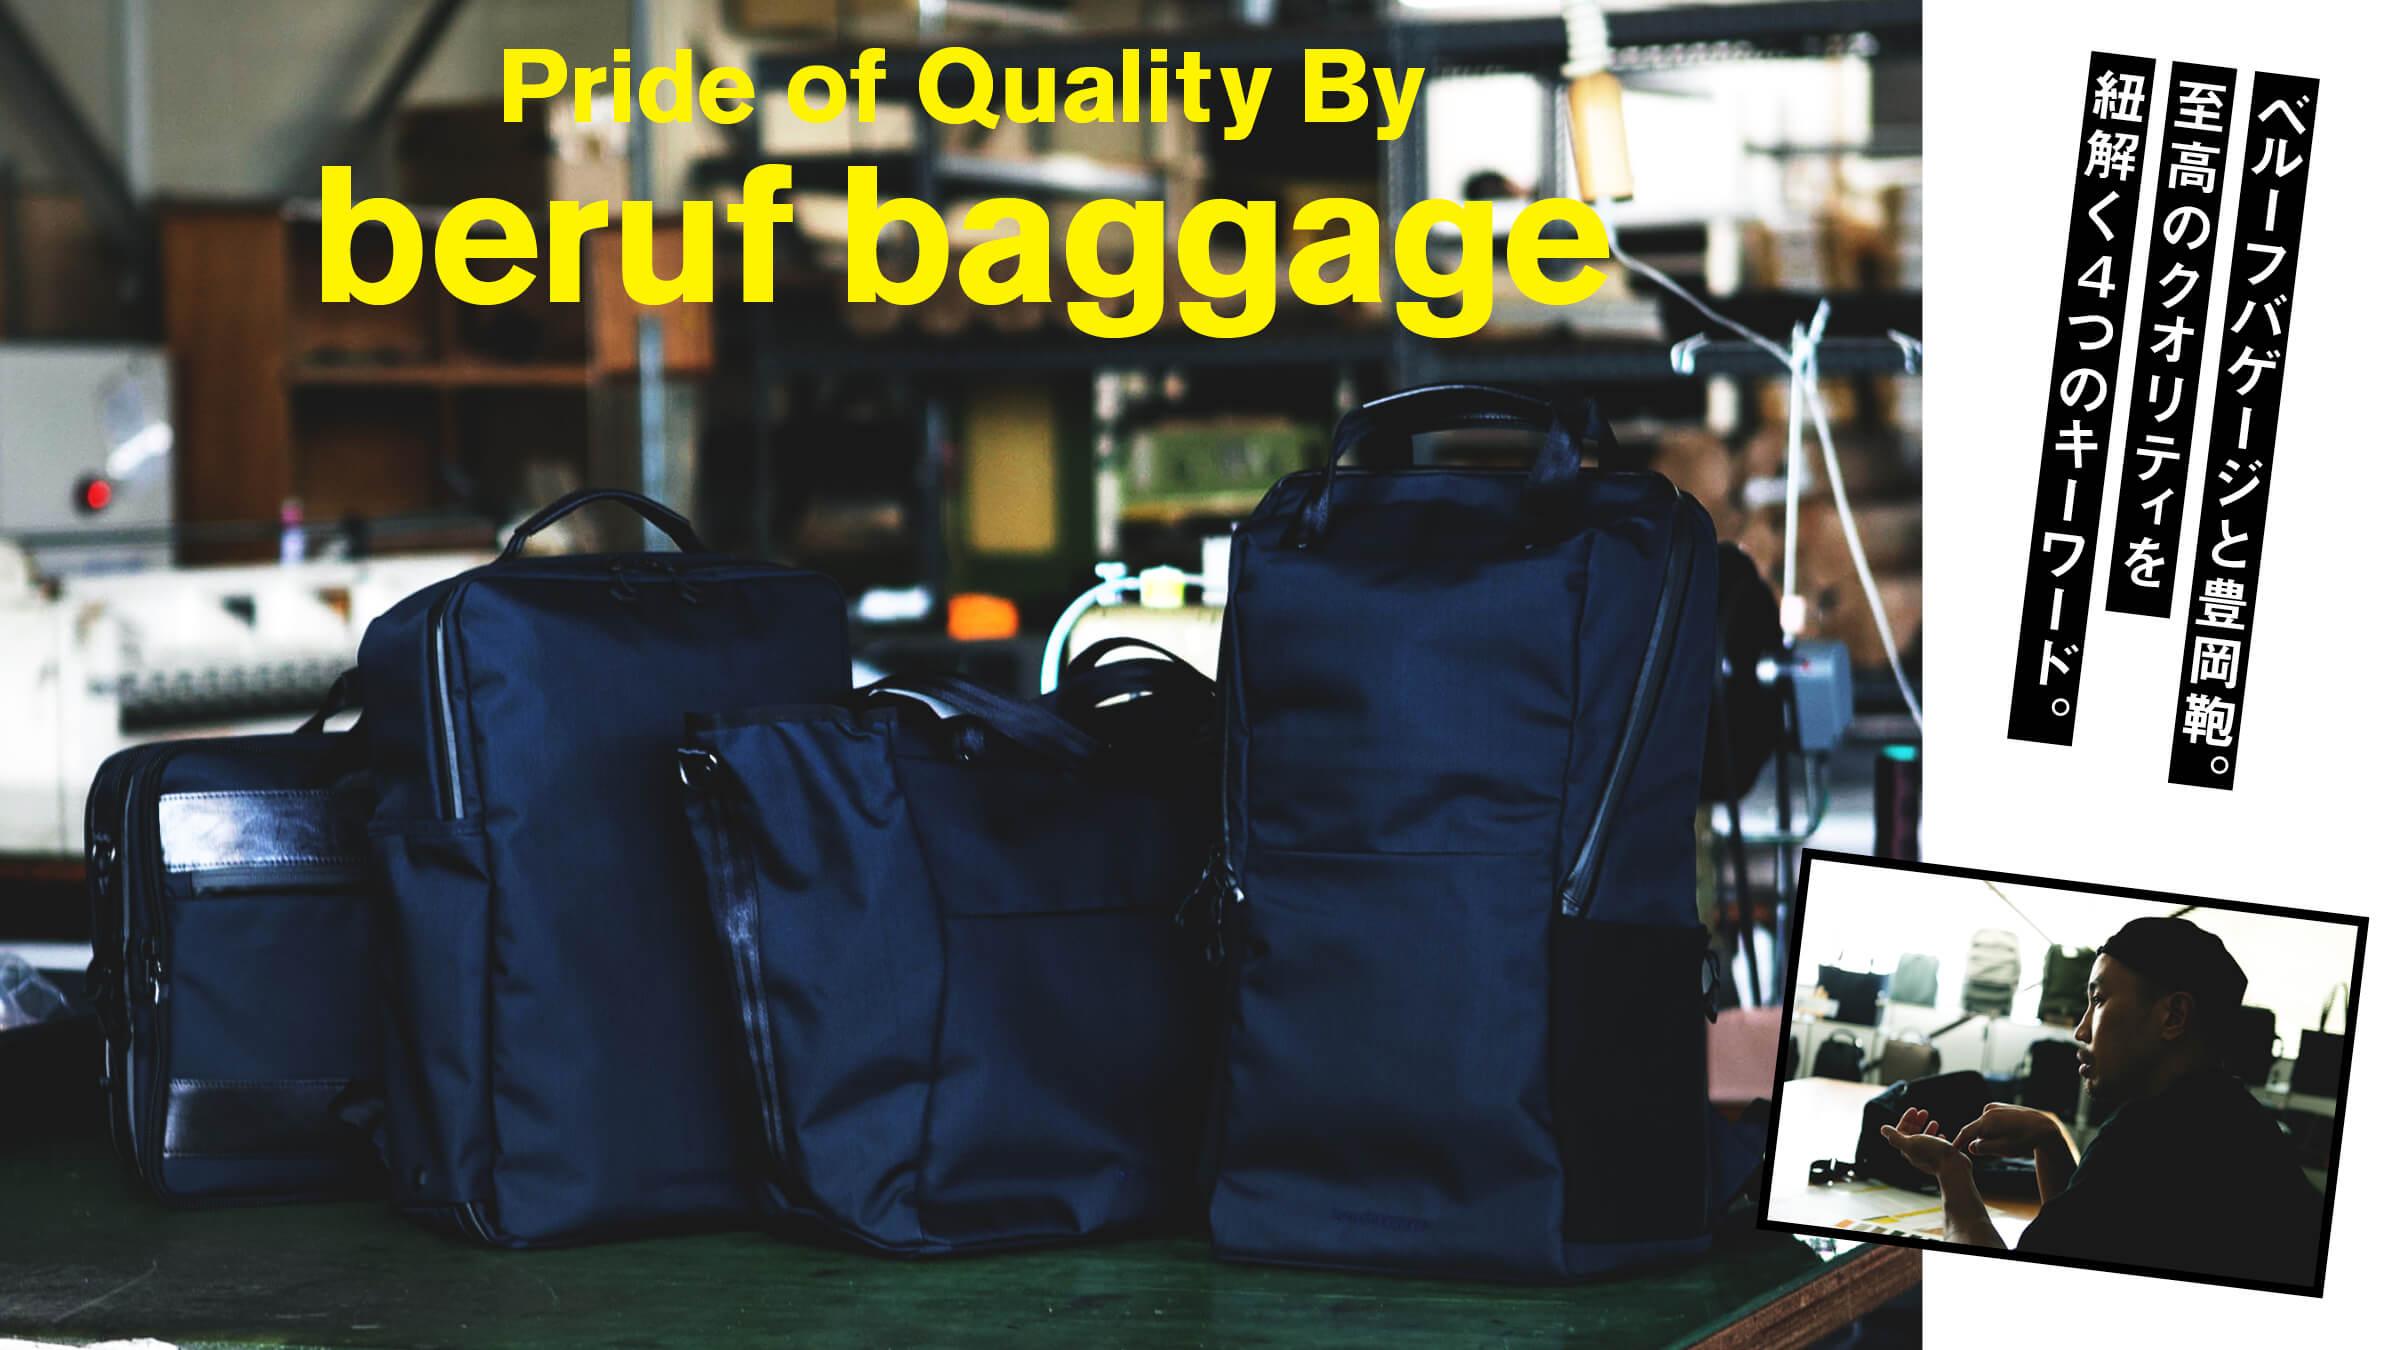 ベルーフバゲージと豊岡鞄。至高のクオリティを紐解く4つのキーワード。